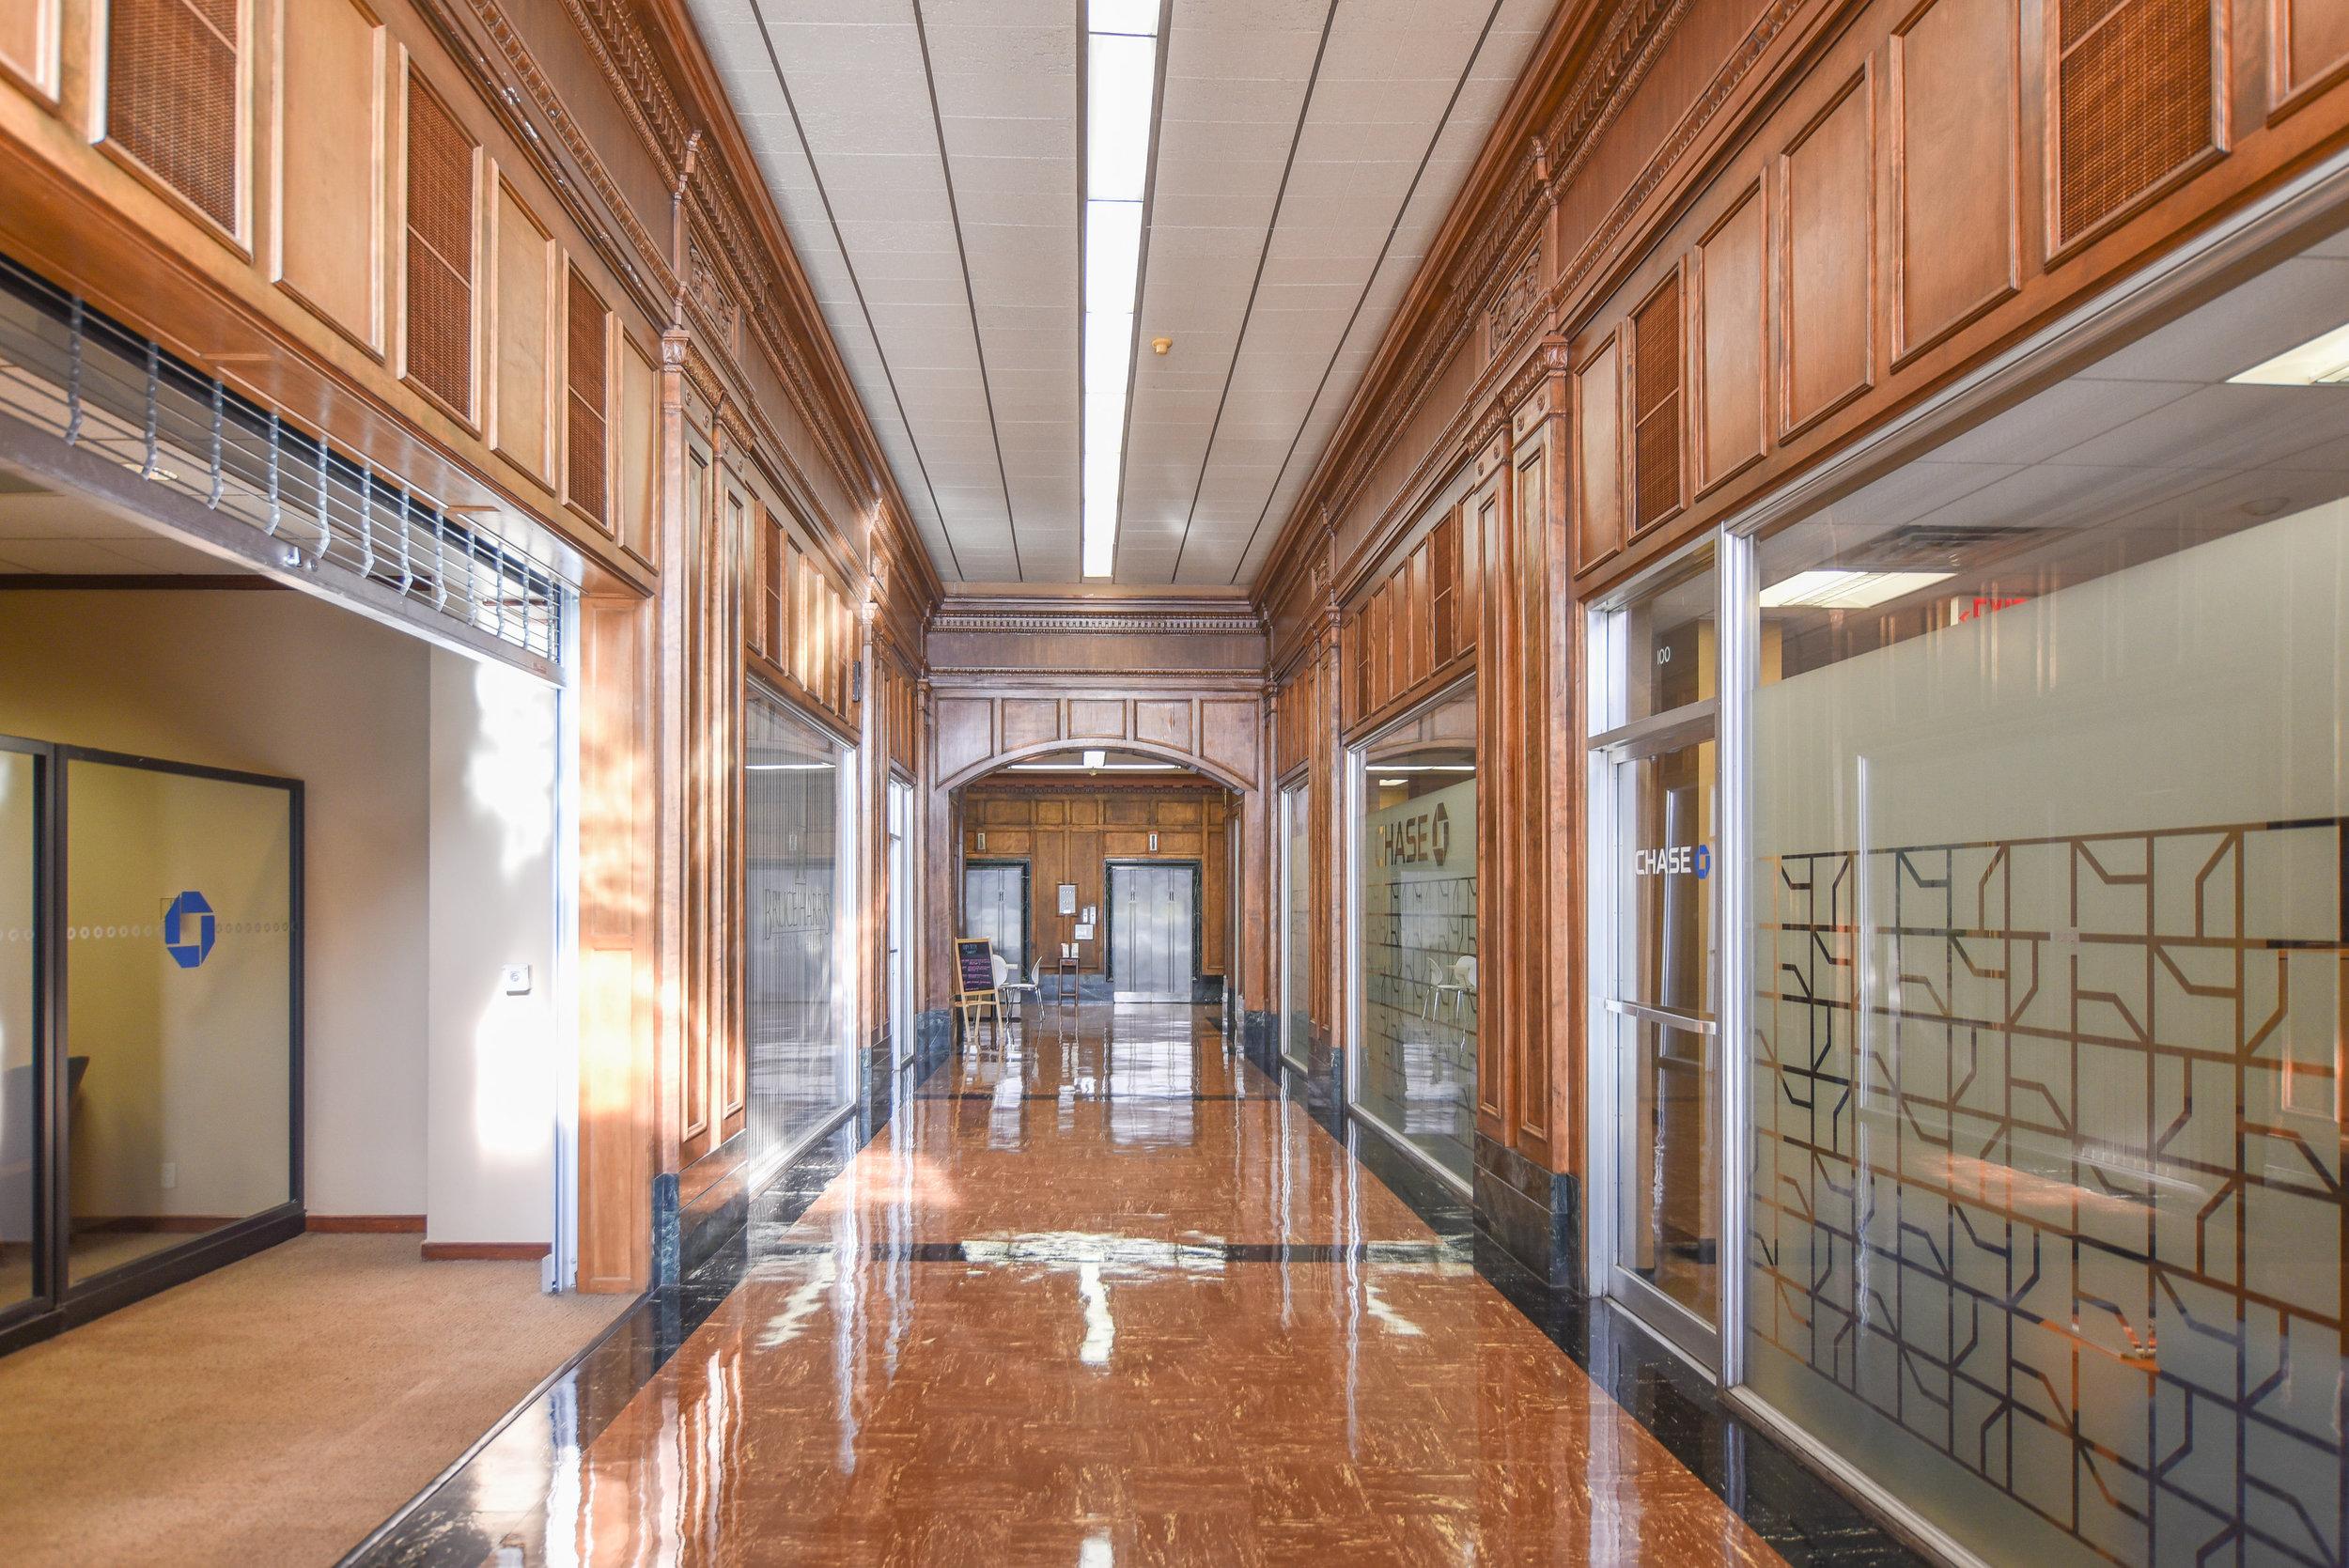 The Hamilton Building Lobby